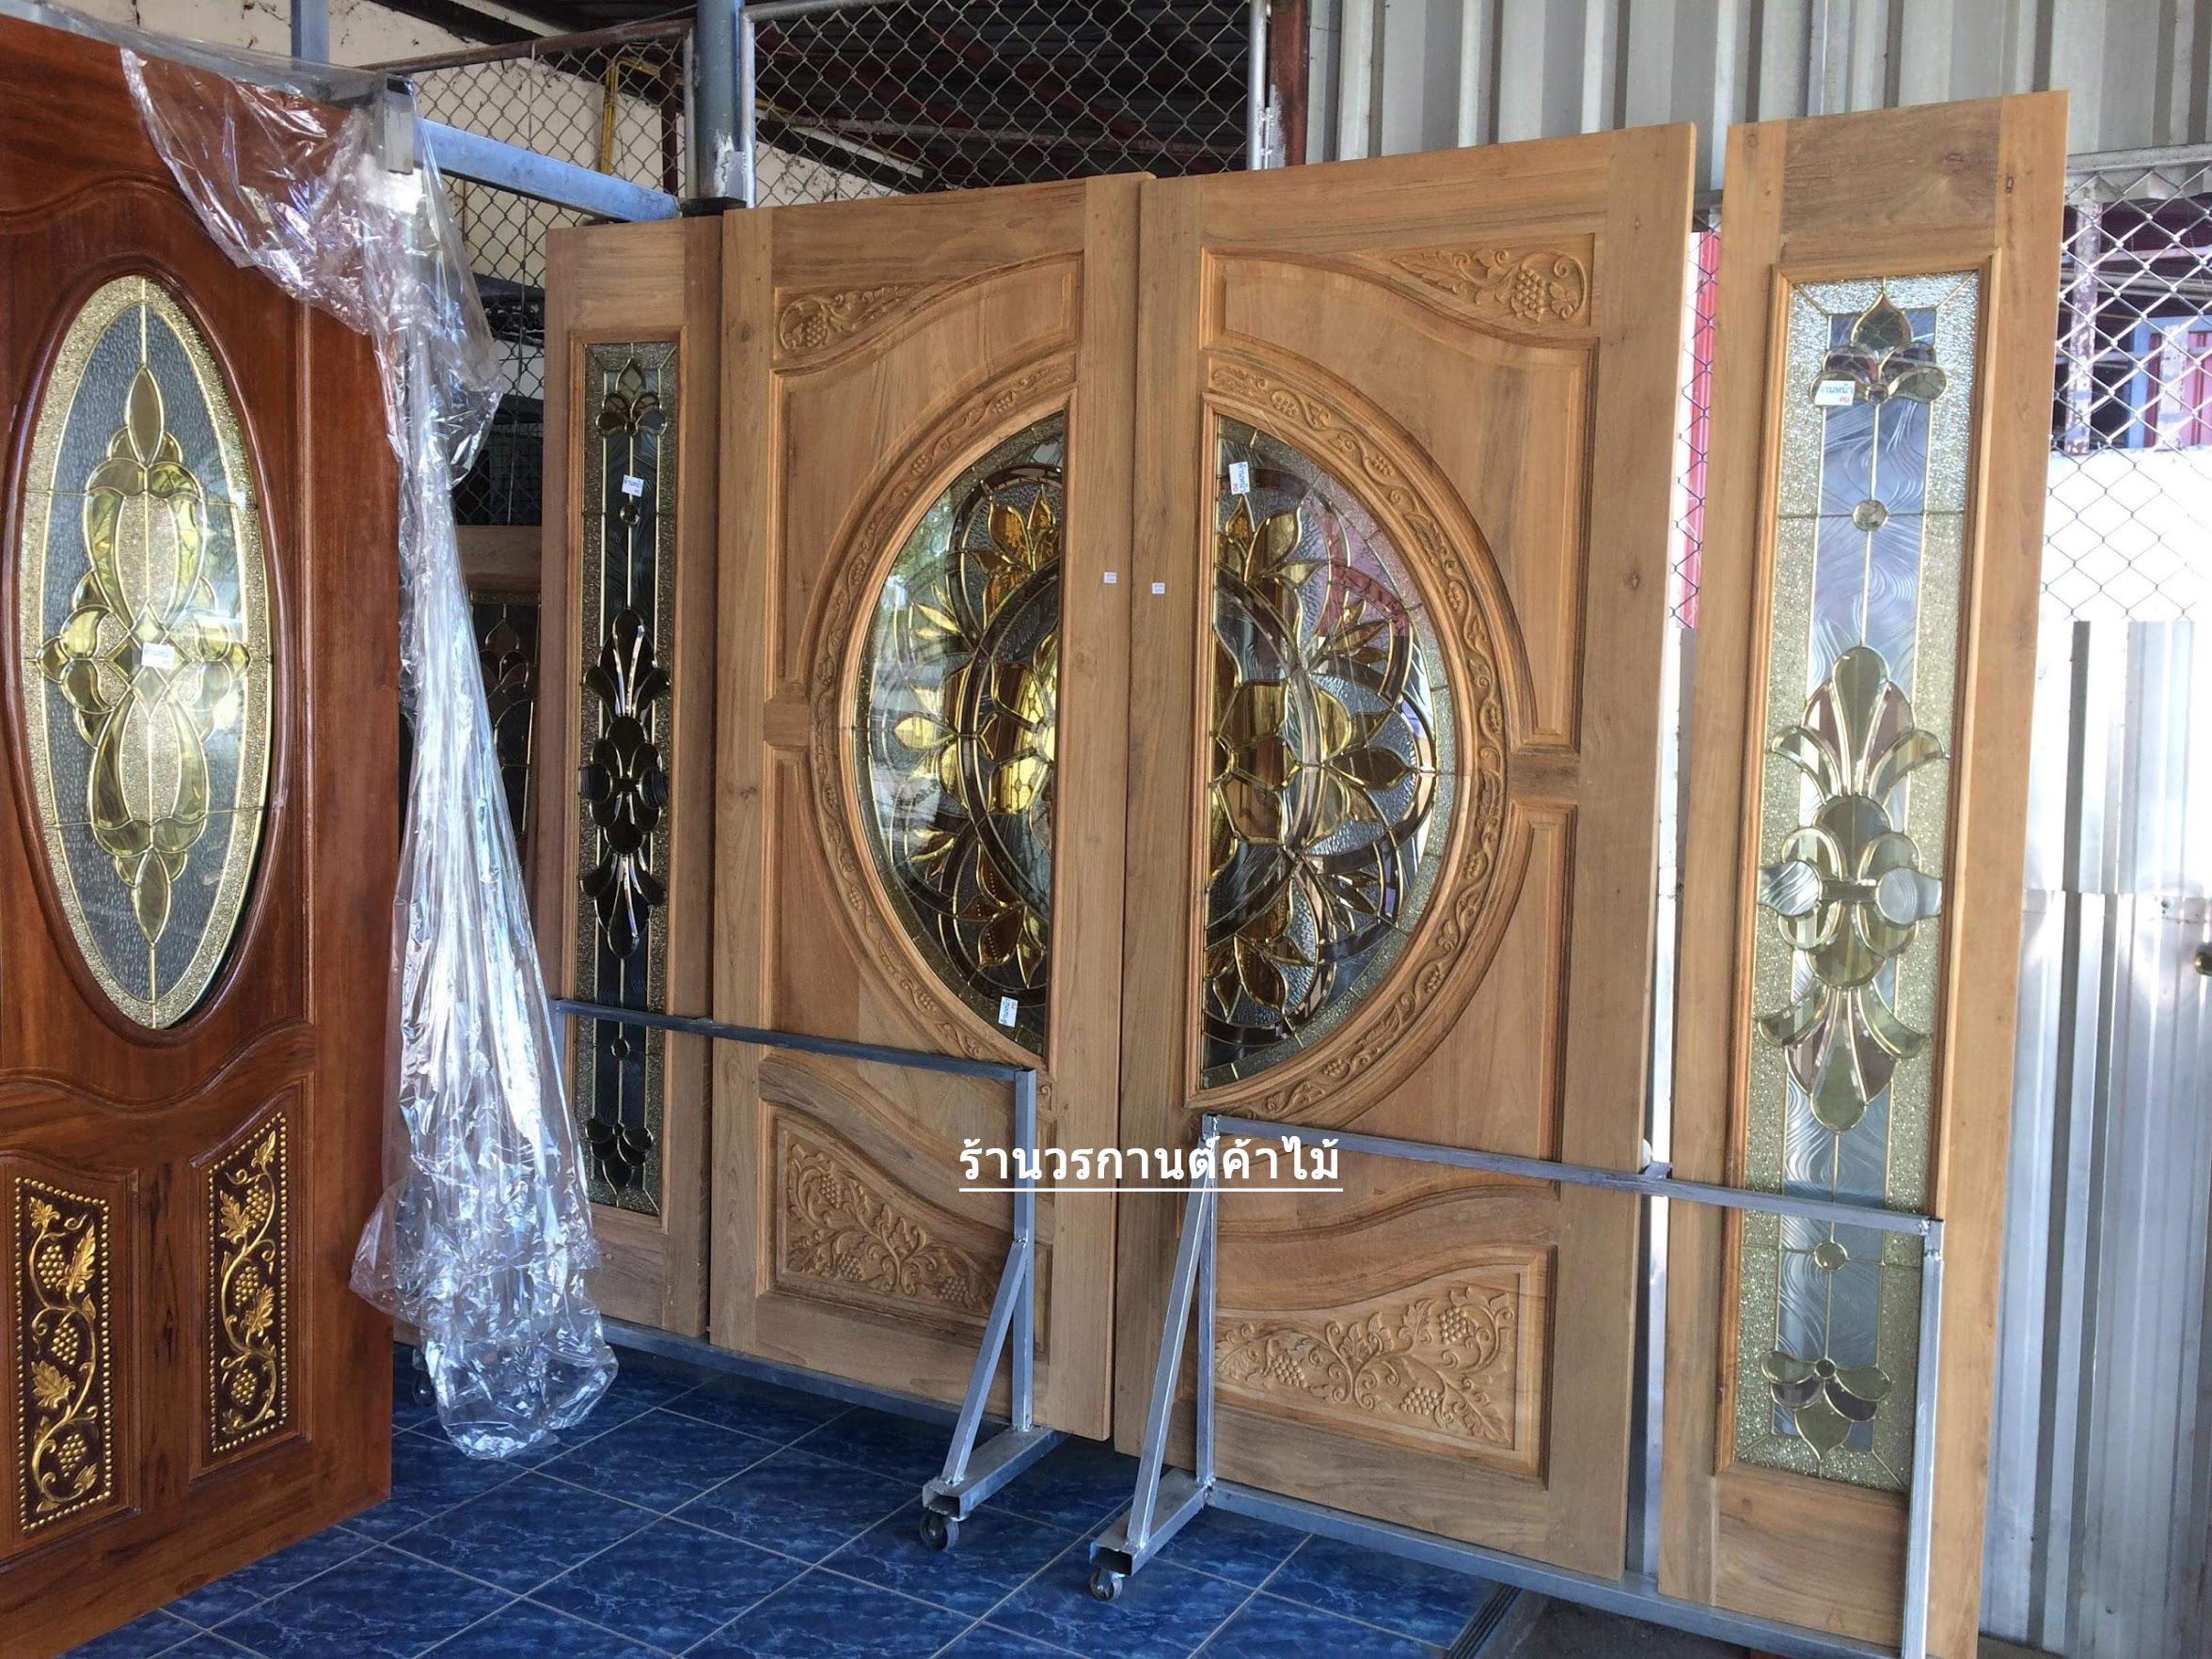 ประตูไม้สักกระจกนิรภัยแตงโม ชุด4ชิ้น รหัส NOT14